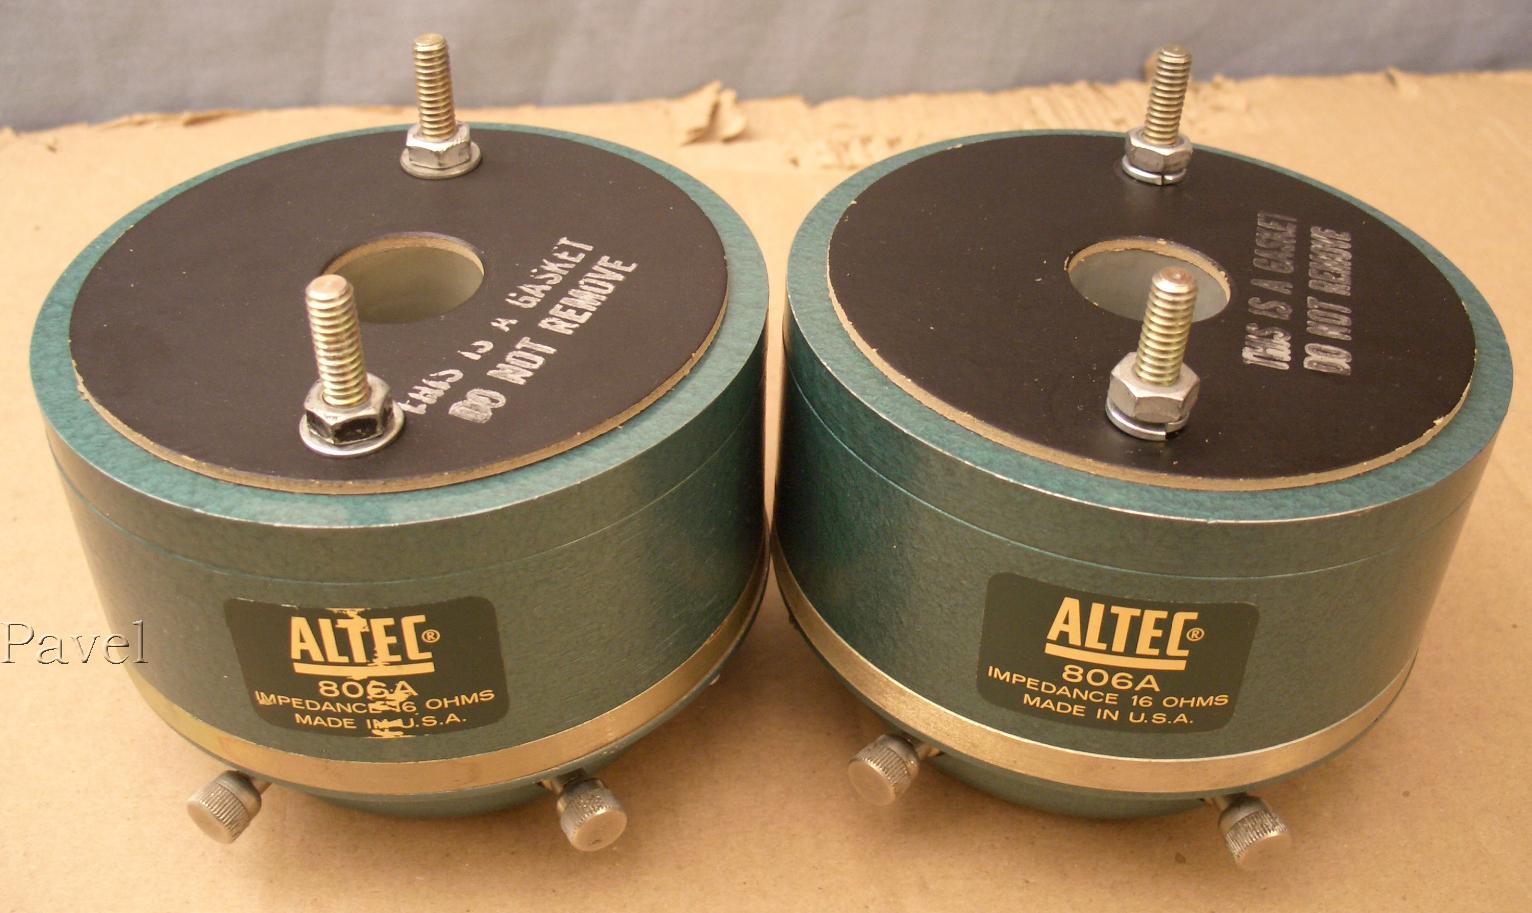 Altec 806 A Драйверы Динамики СЧ 1966 года выпуска | Hi-Fi ru